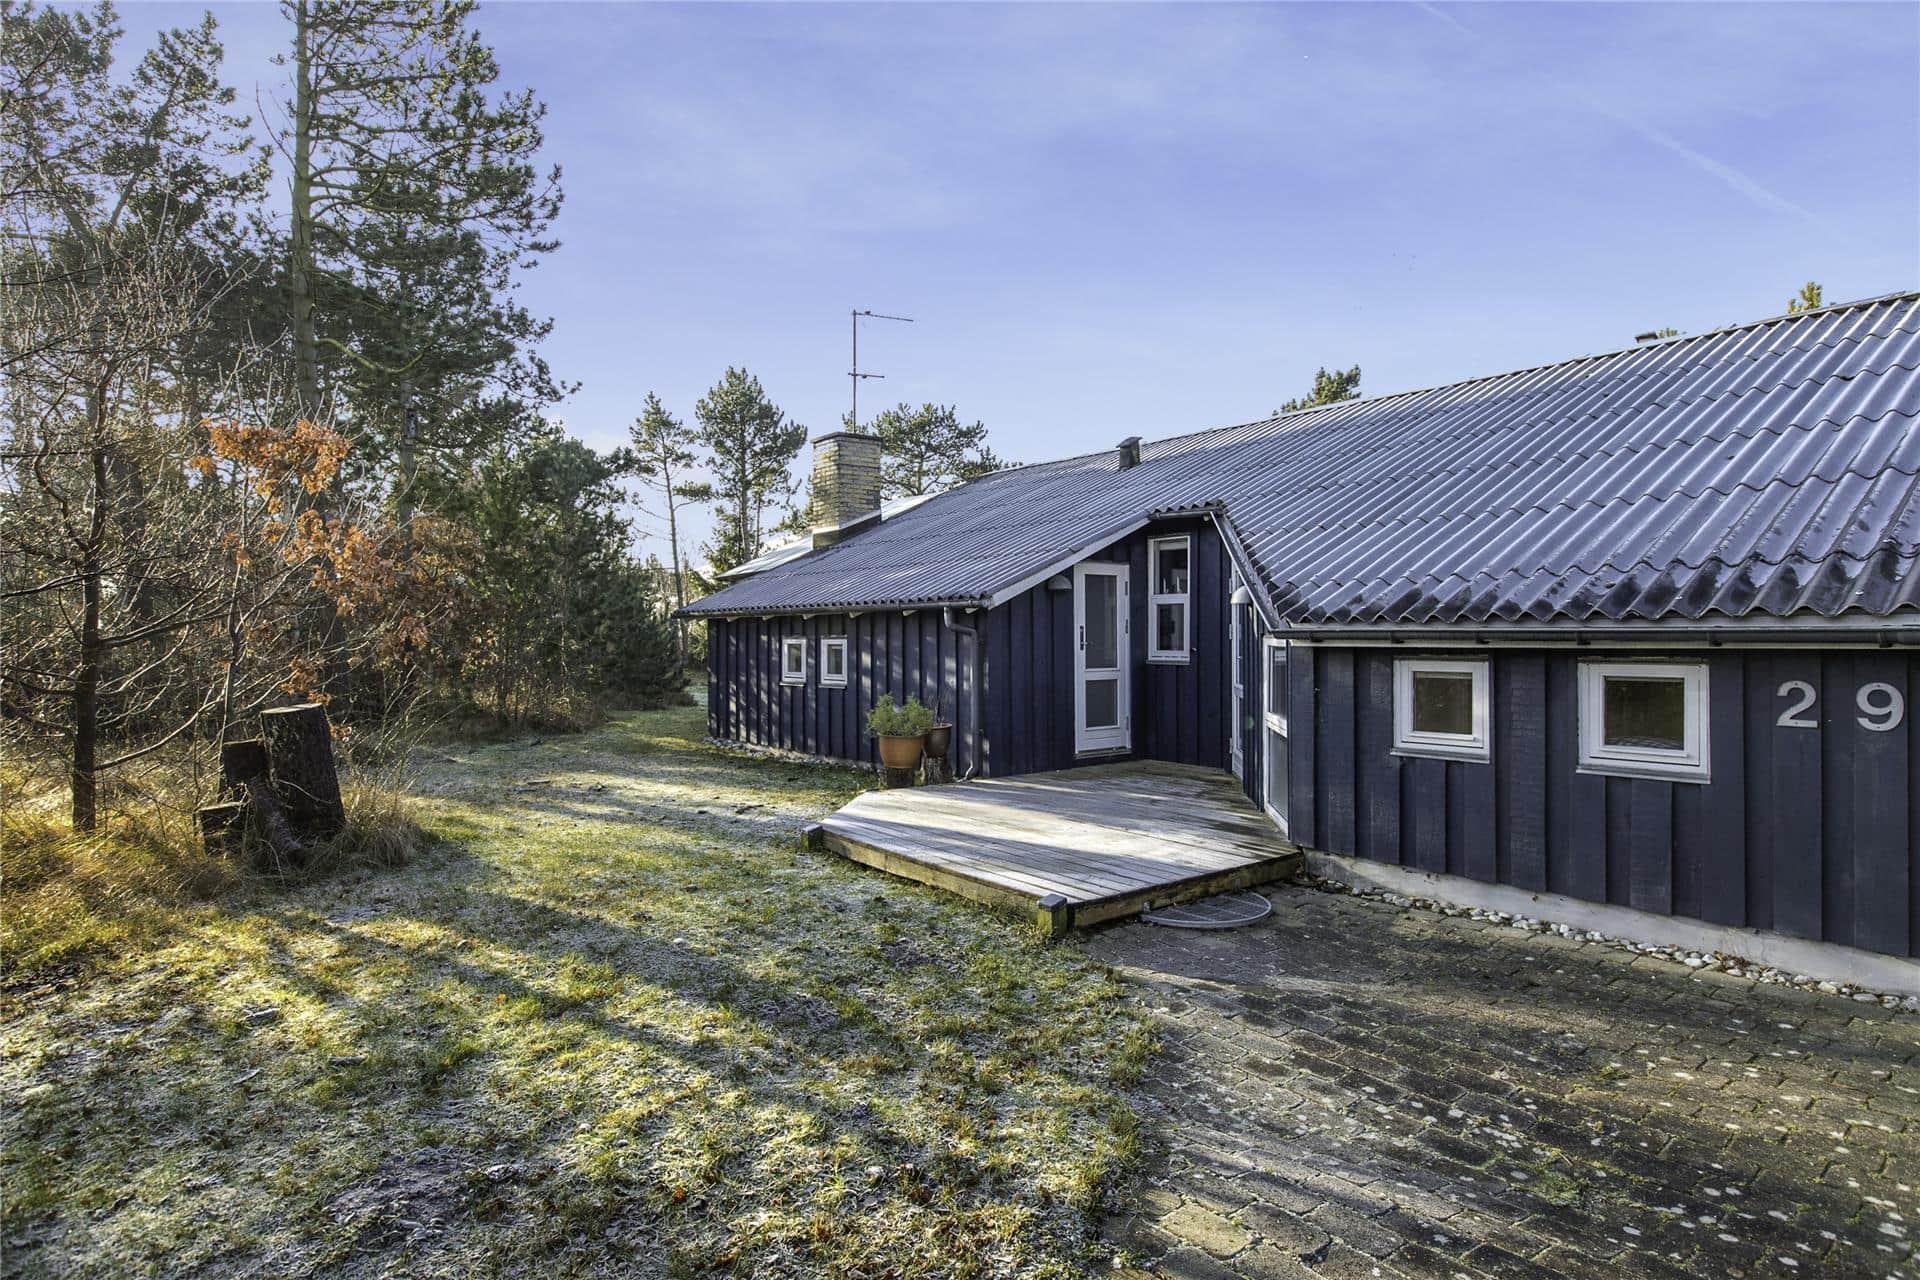 Billede 1-23 Sommerhus 8490, Bjarkes Grund 29, DK - 8400 Ebeltoft